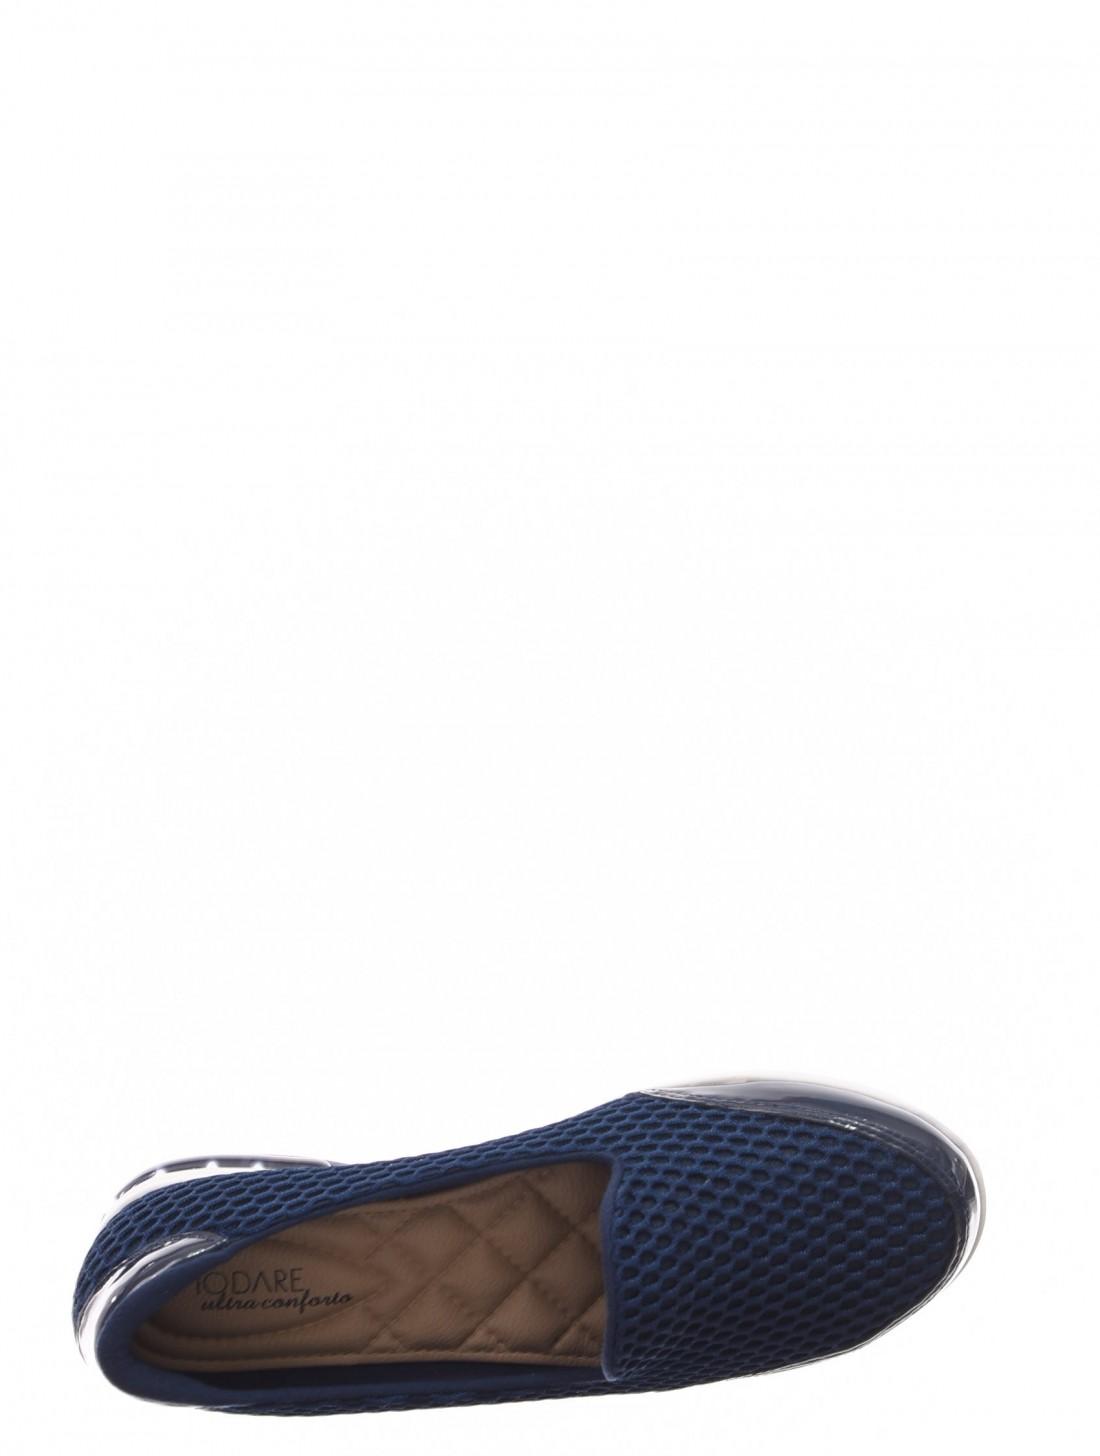 faecf77738 ... Tênis Slip-On Modare Ultra Conforto Tela com Amortecedor Gel Detalhe  Verniz Azul Marinho